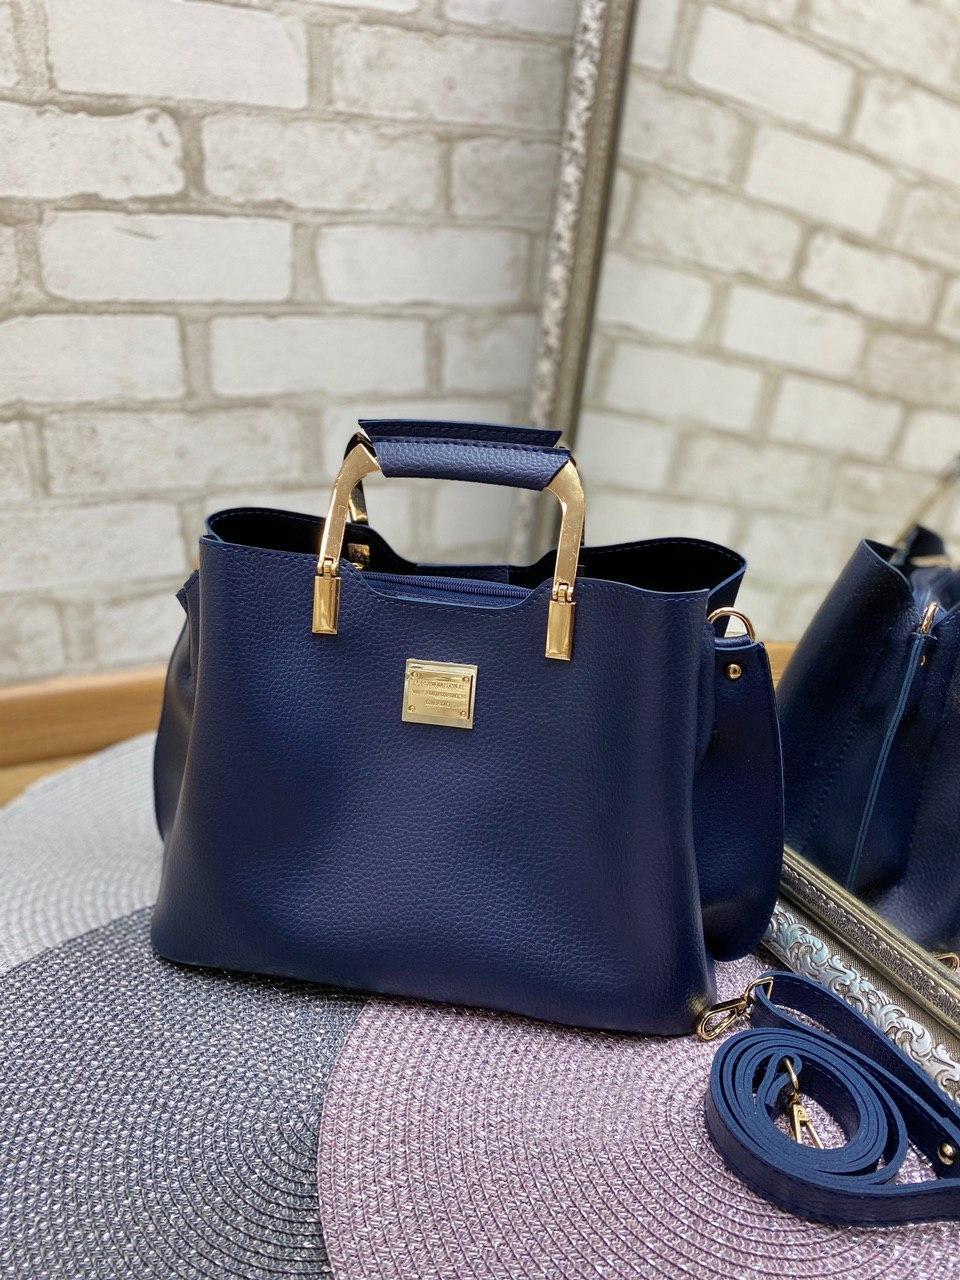 Сумка синя жіноча модна з квадратними ручками невелика на плече шоппер кожзам